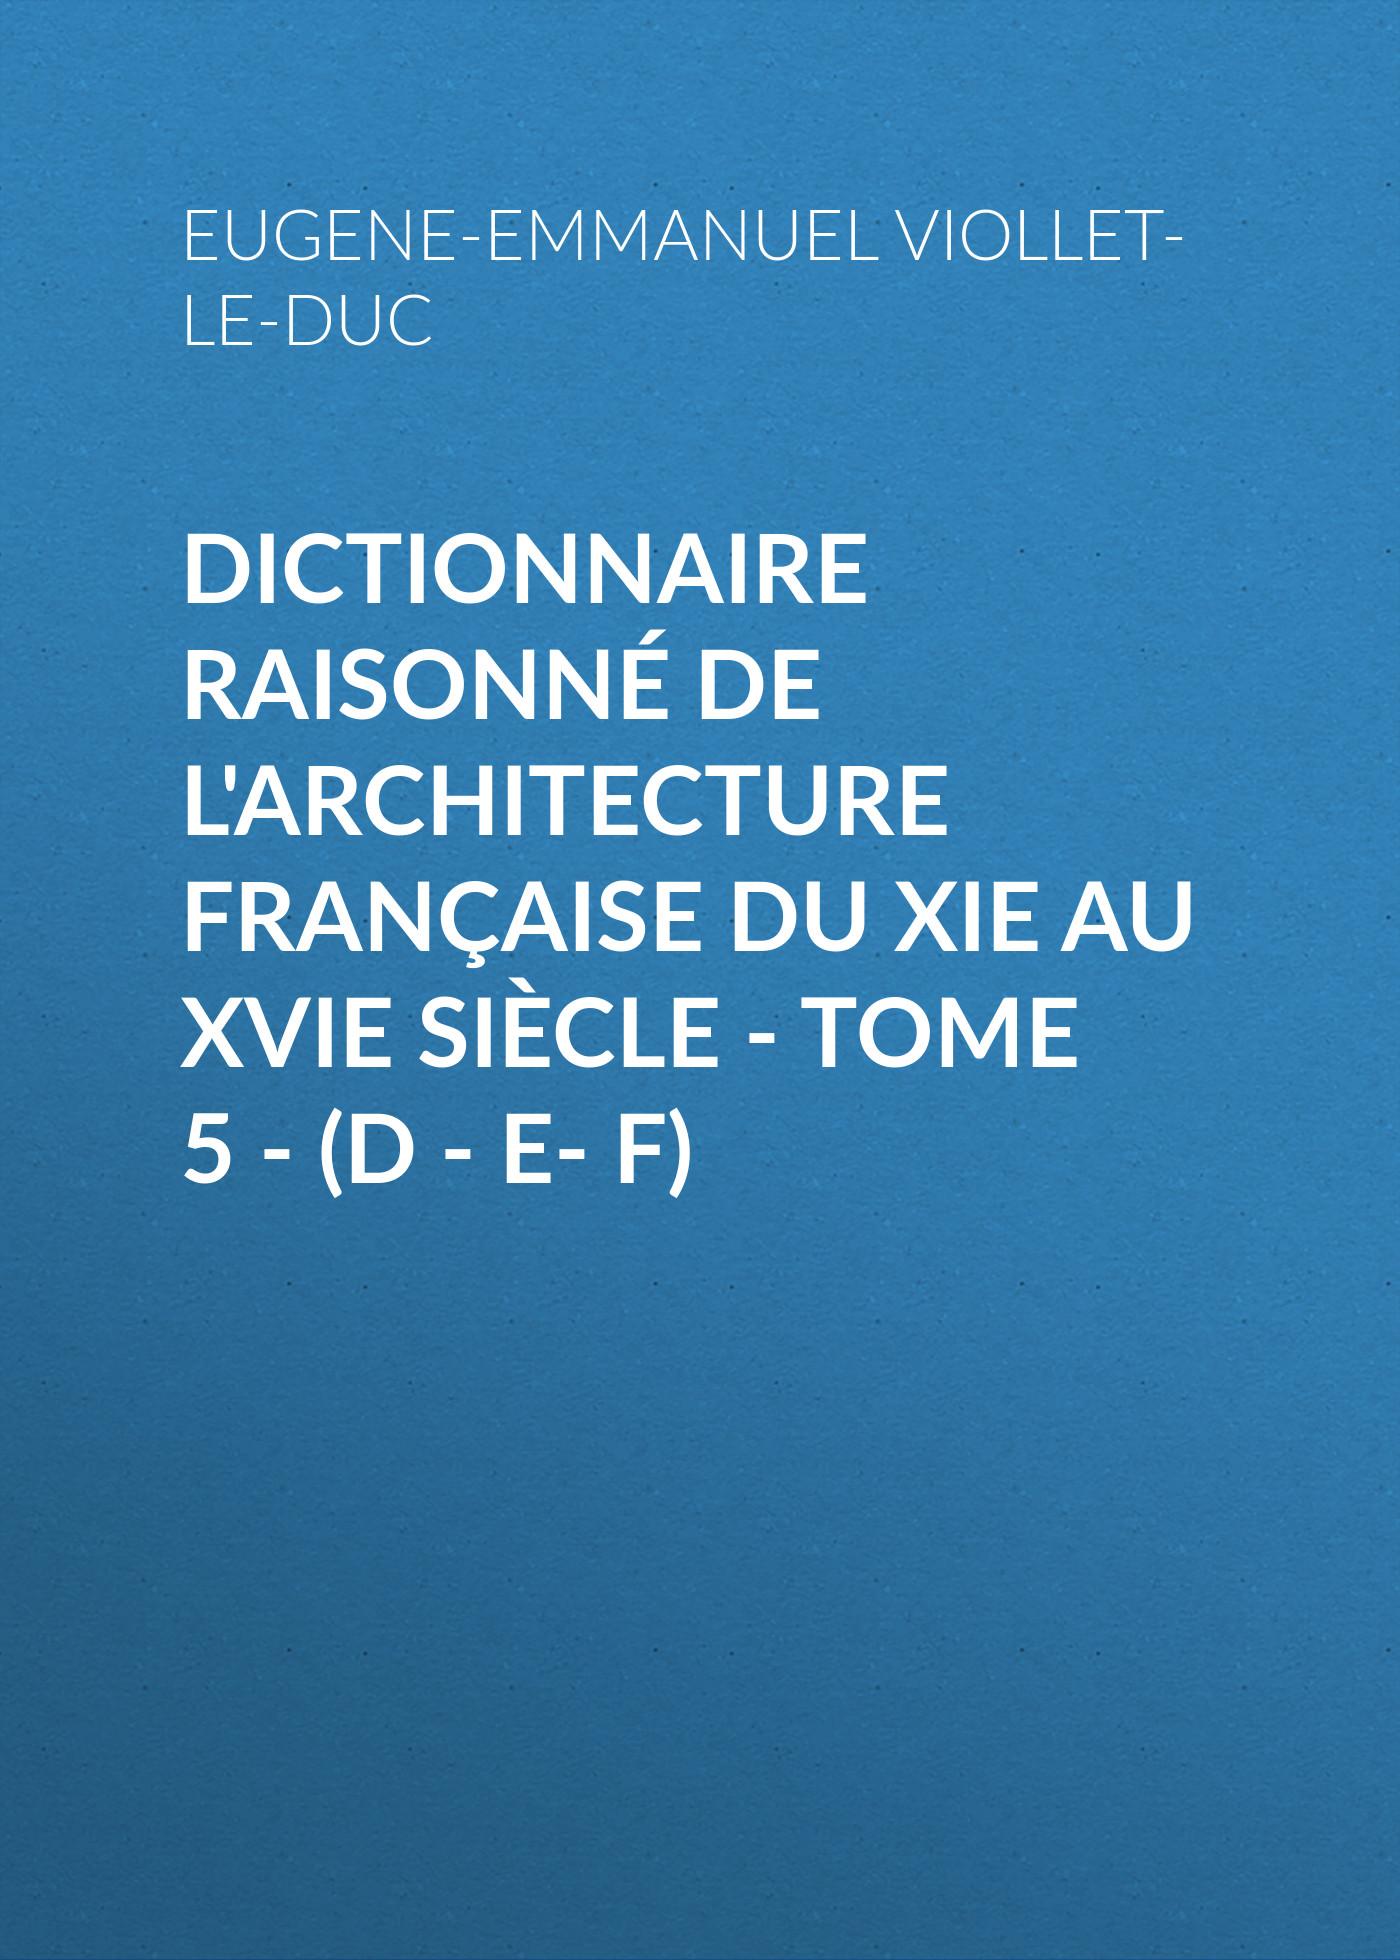 Eugene-Emmanuel Viollet-le-Duc Dictionnaire raisonné de l'architecture française du XIe au XVIe siècle - Tome 5 - (D - E- F) e lechartier le livre d or des assurances tome 3